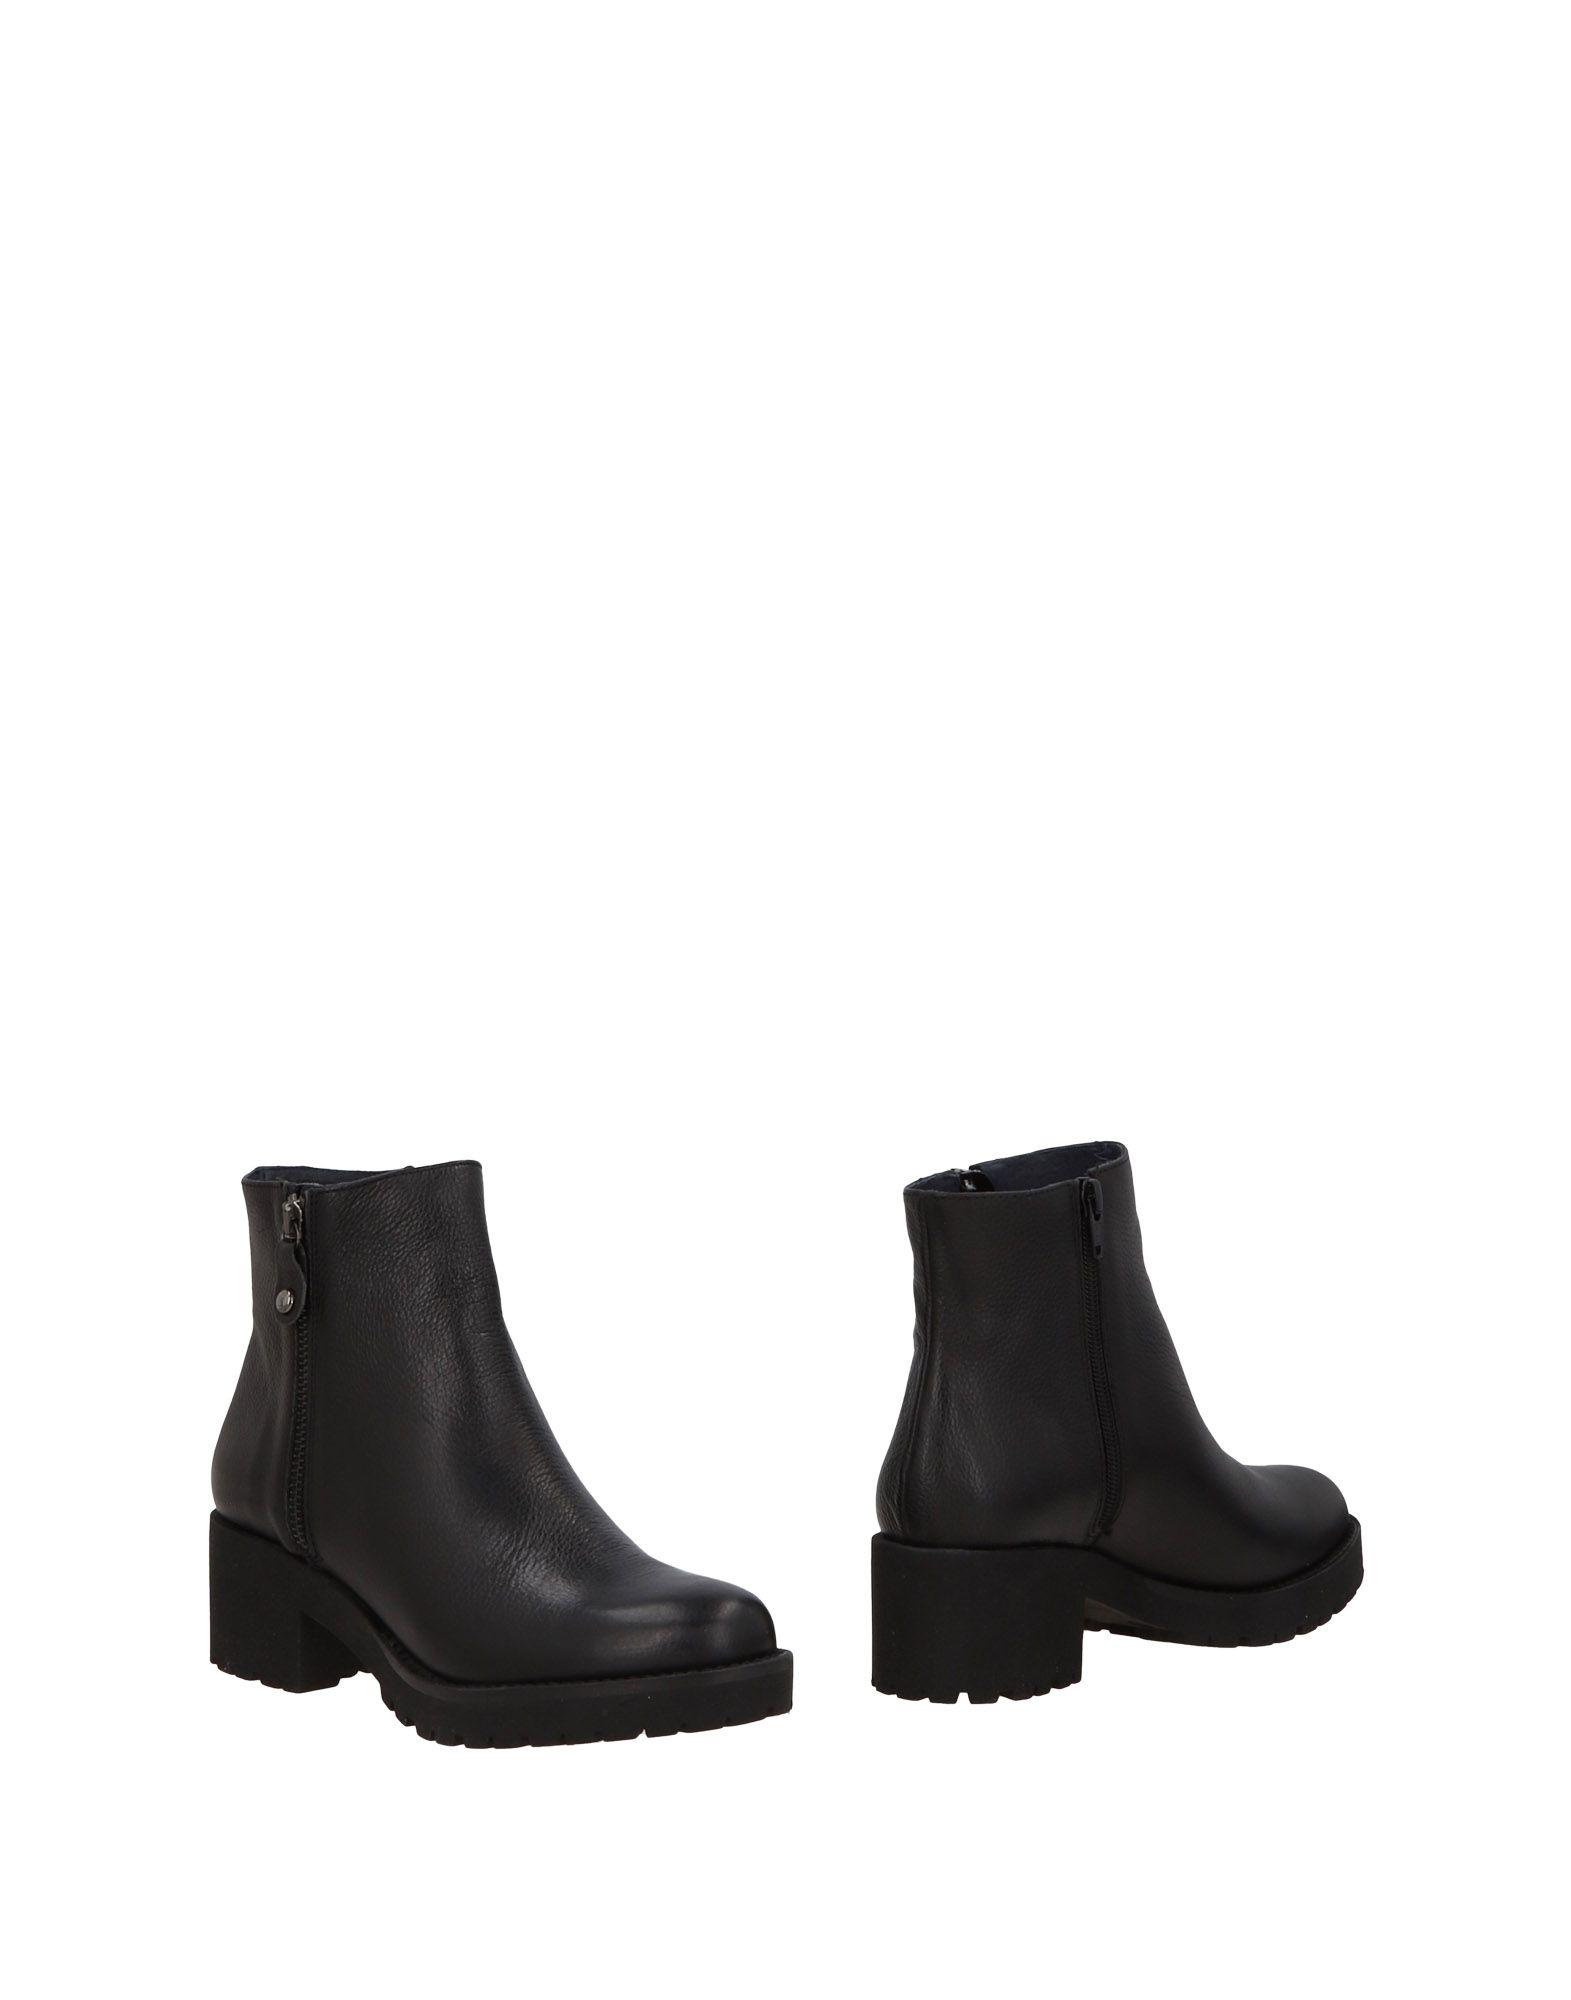 Docksteps Stiefelette Damen  11473918TQ Gute Qualität beliebte Schuhe